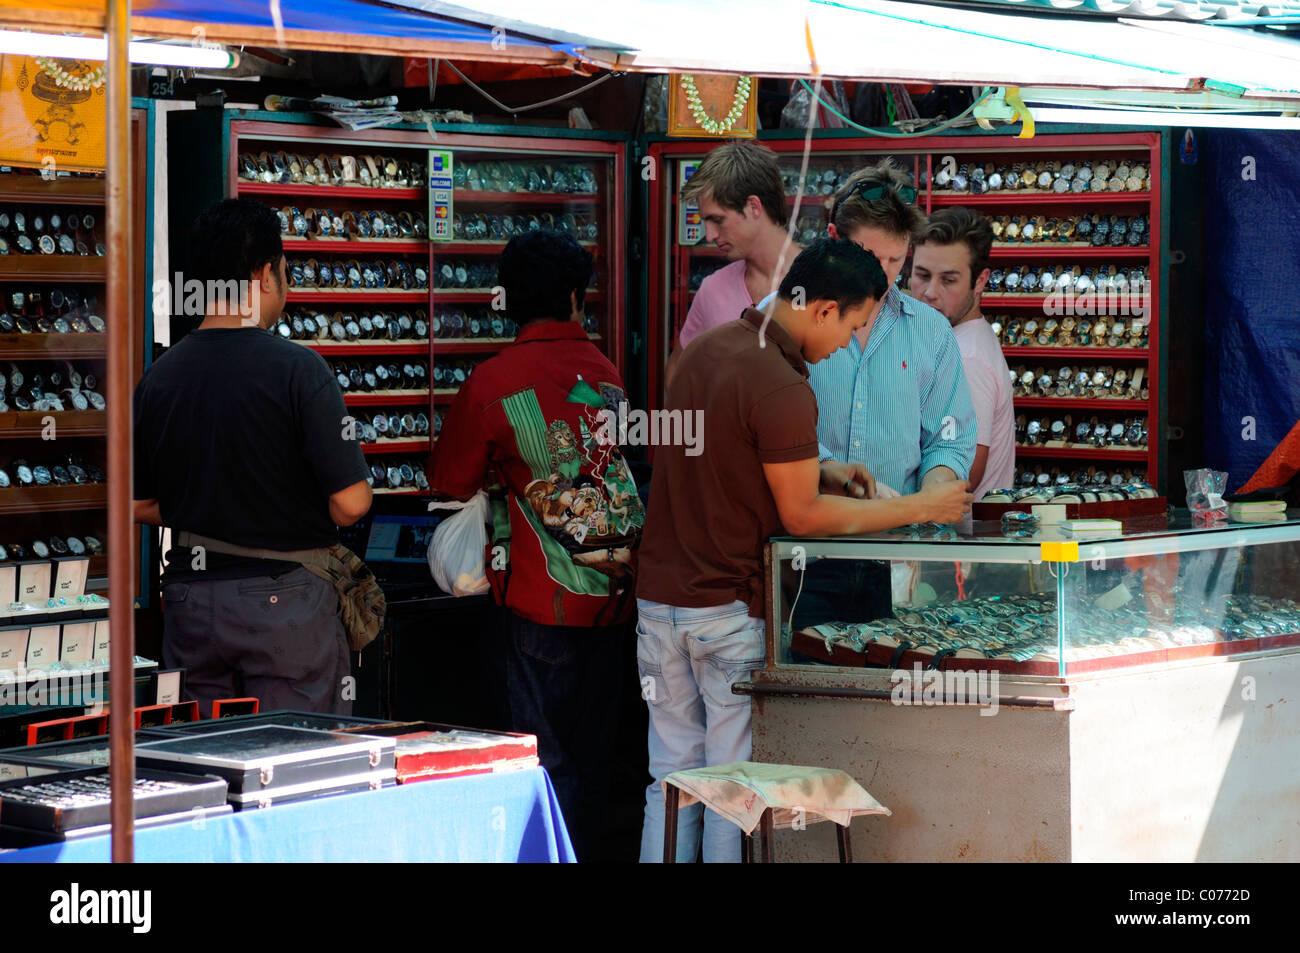 Concepteur de fausses montres piratés pirate des biens de luxe en vente stall  Petaling street chinatown ff33d3e12c00